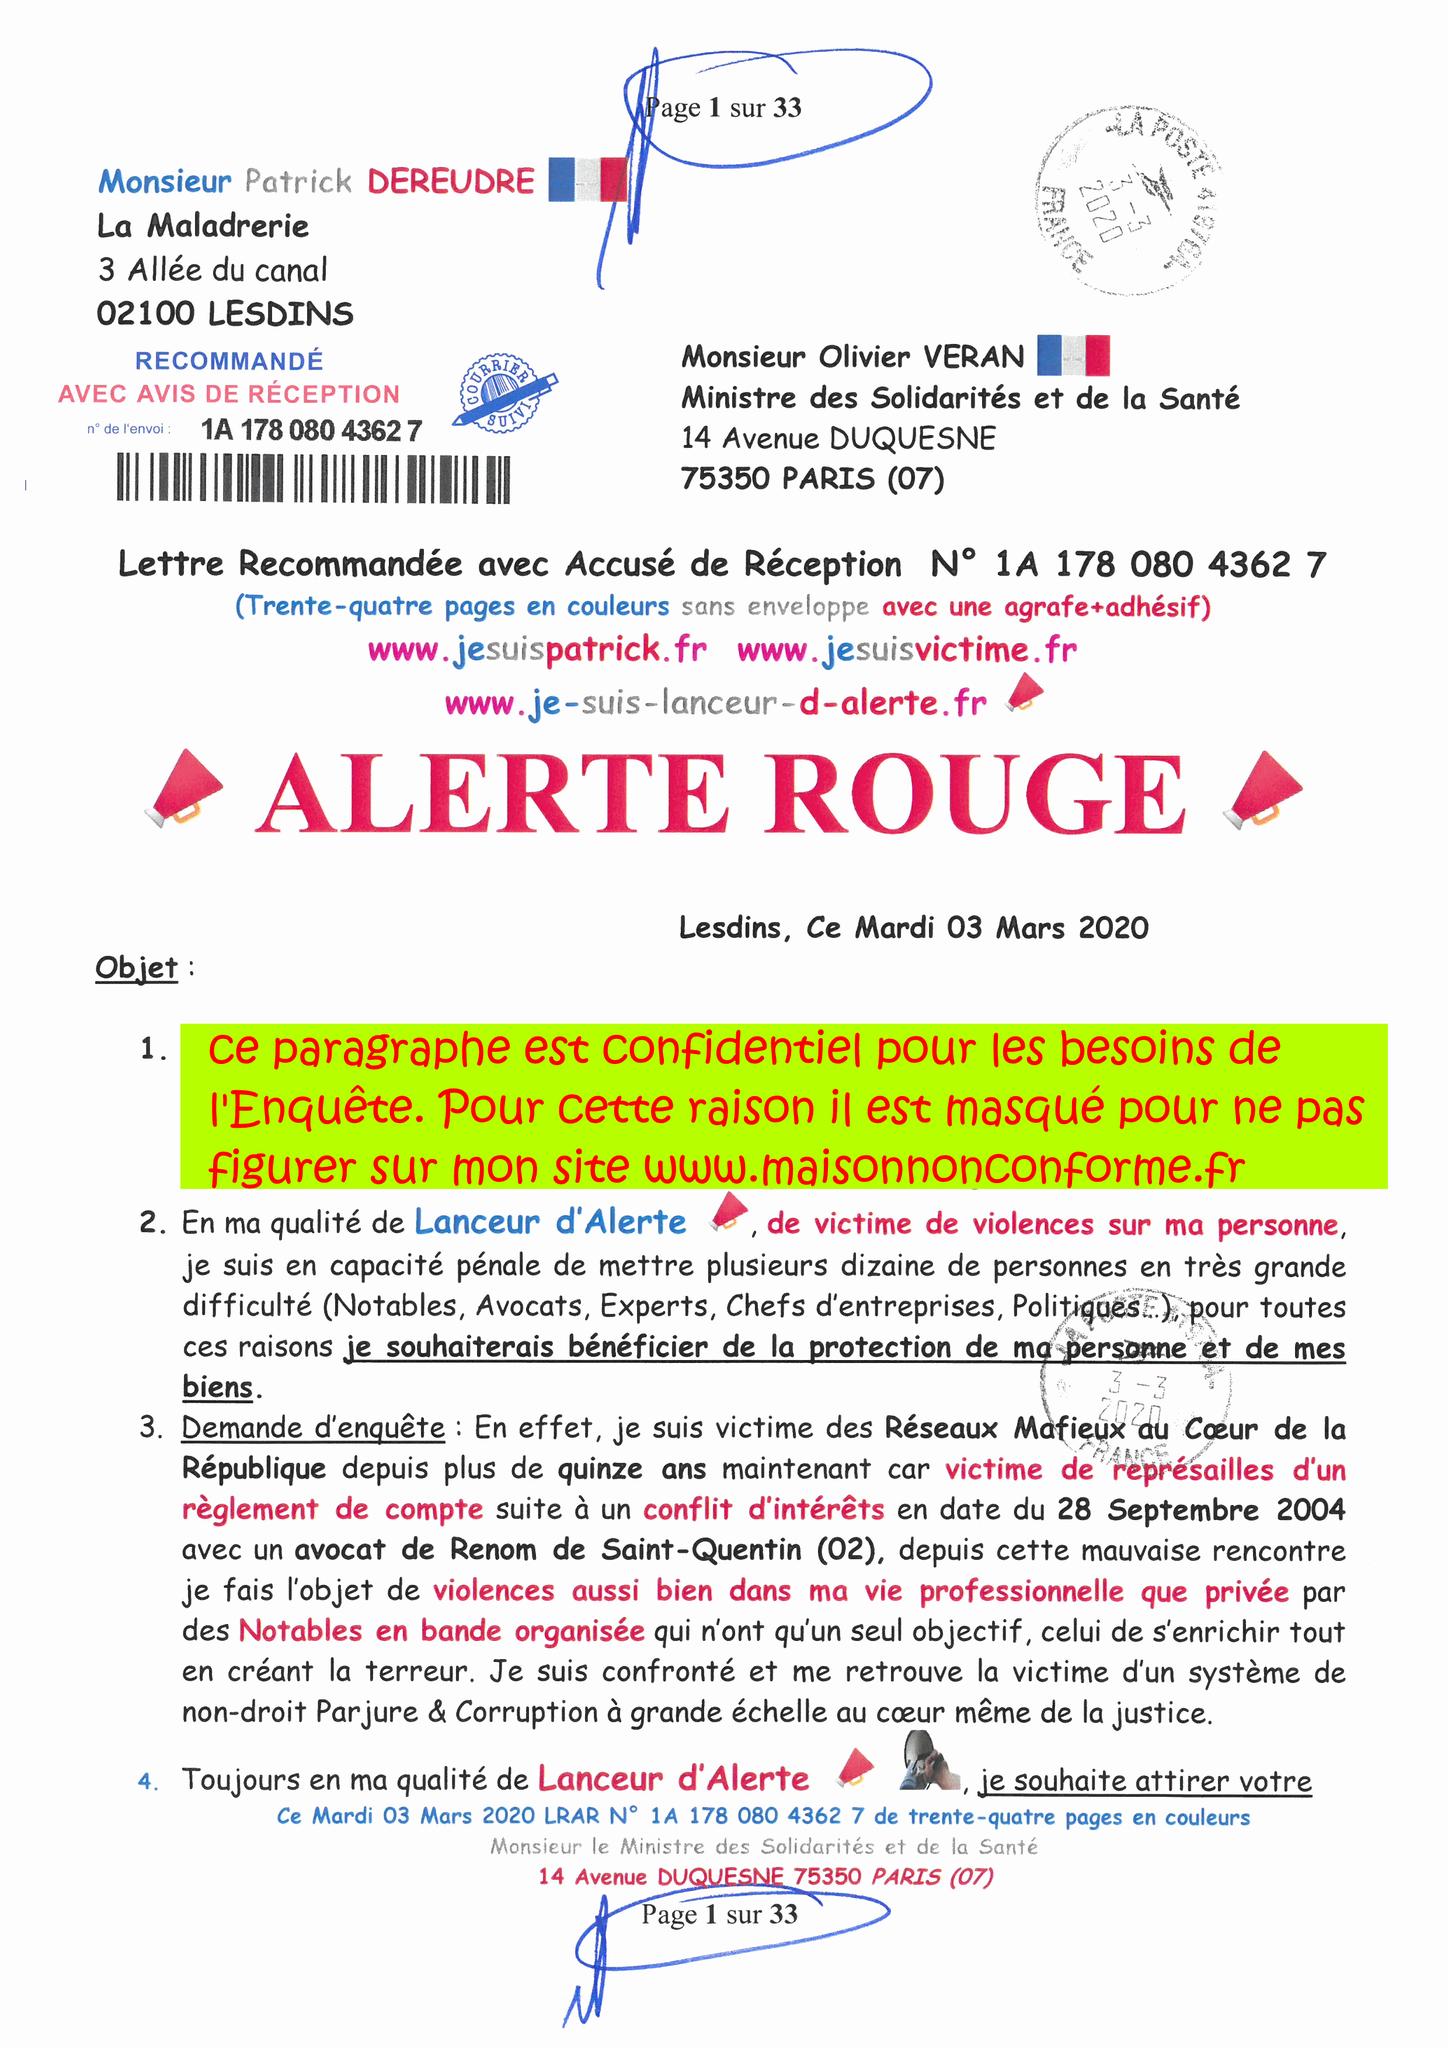 Page 1 sur 33 Ma lettre recommandée N0 1A 178 080 4362 7 du 03 Mars 2020 à Monsieur Olivier VERAN le Ministre de la Santé et des Solidarités www.jesuispatrick.fr www.jesuisvictime.fr www.alerte-rouge-france.fr